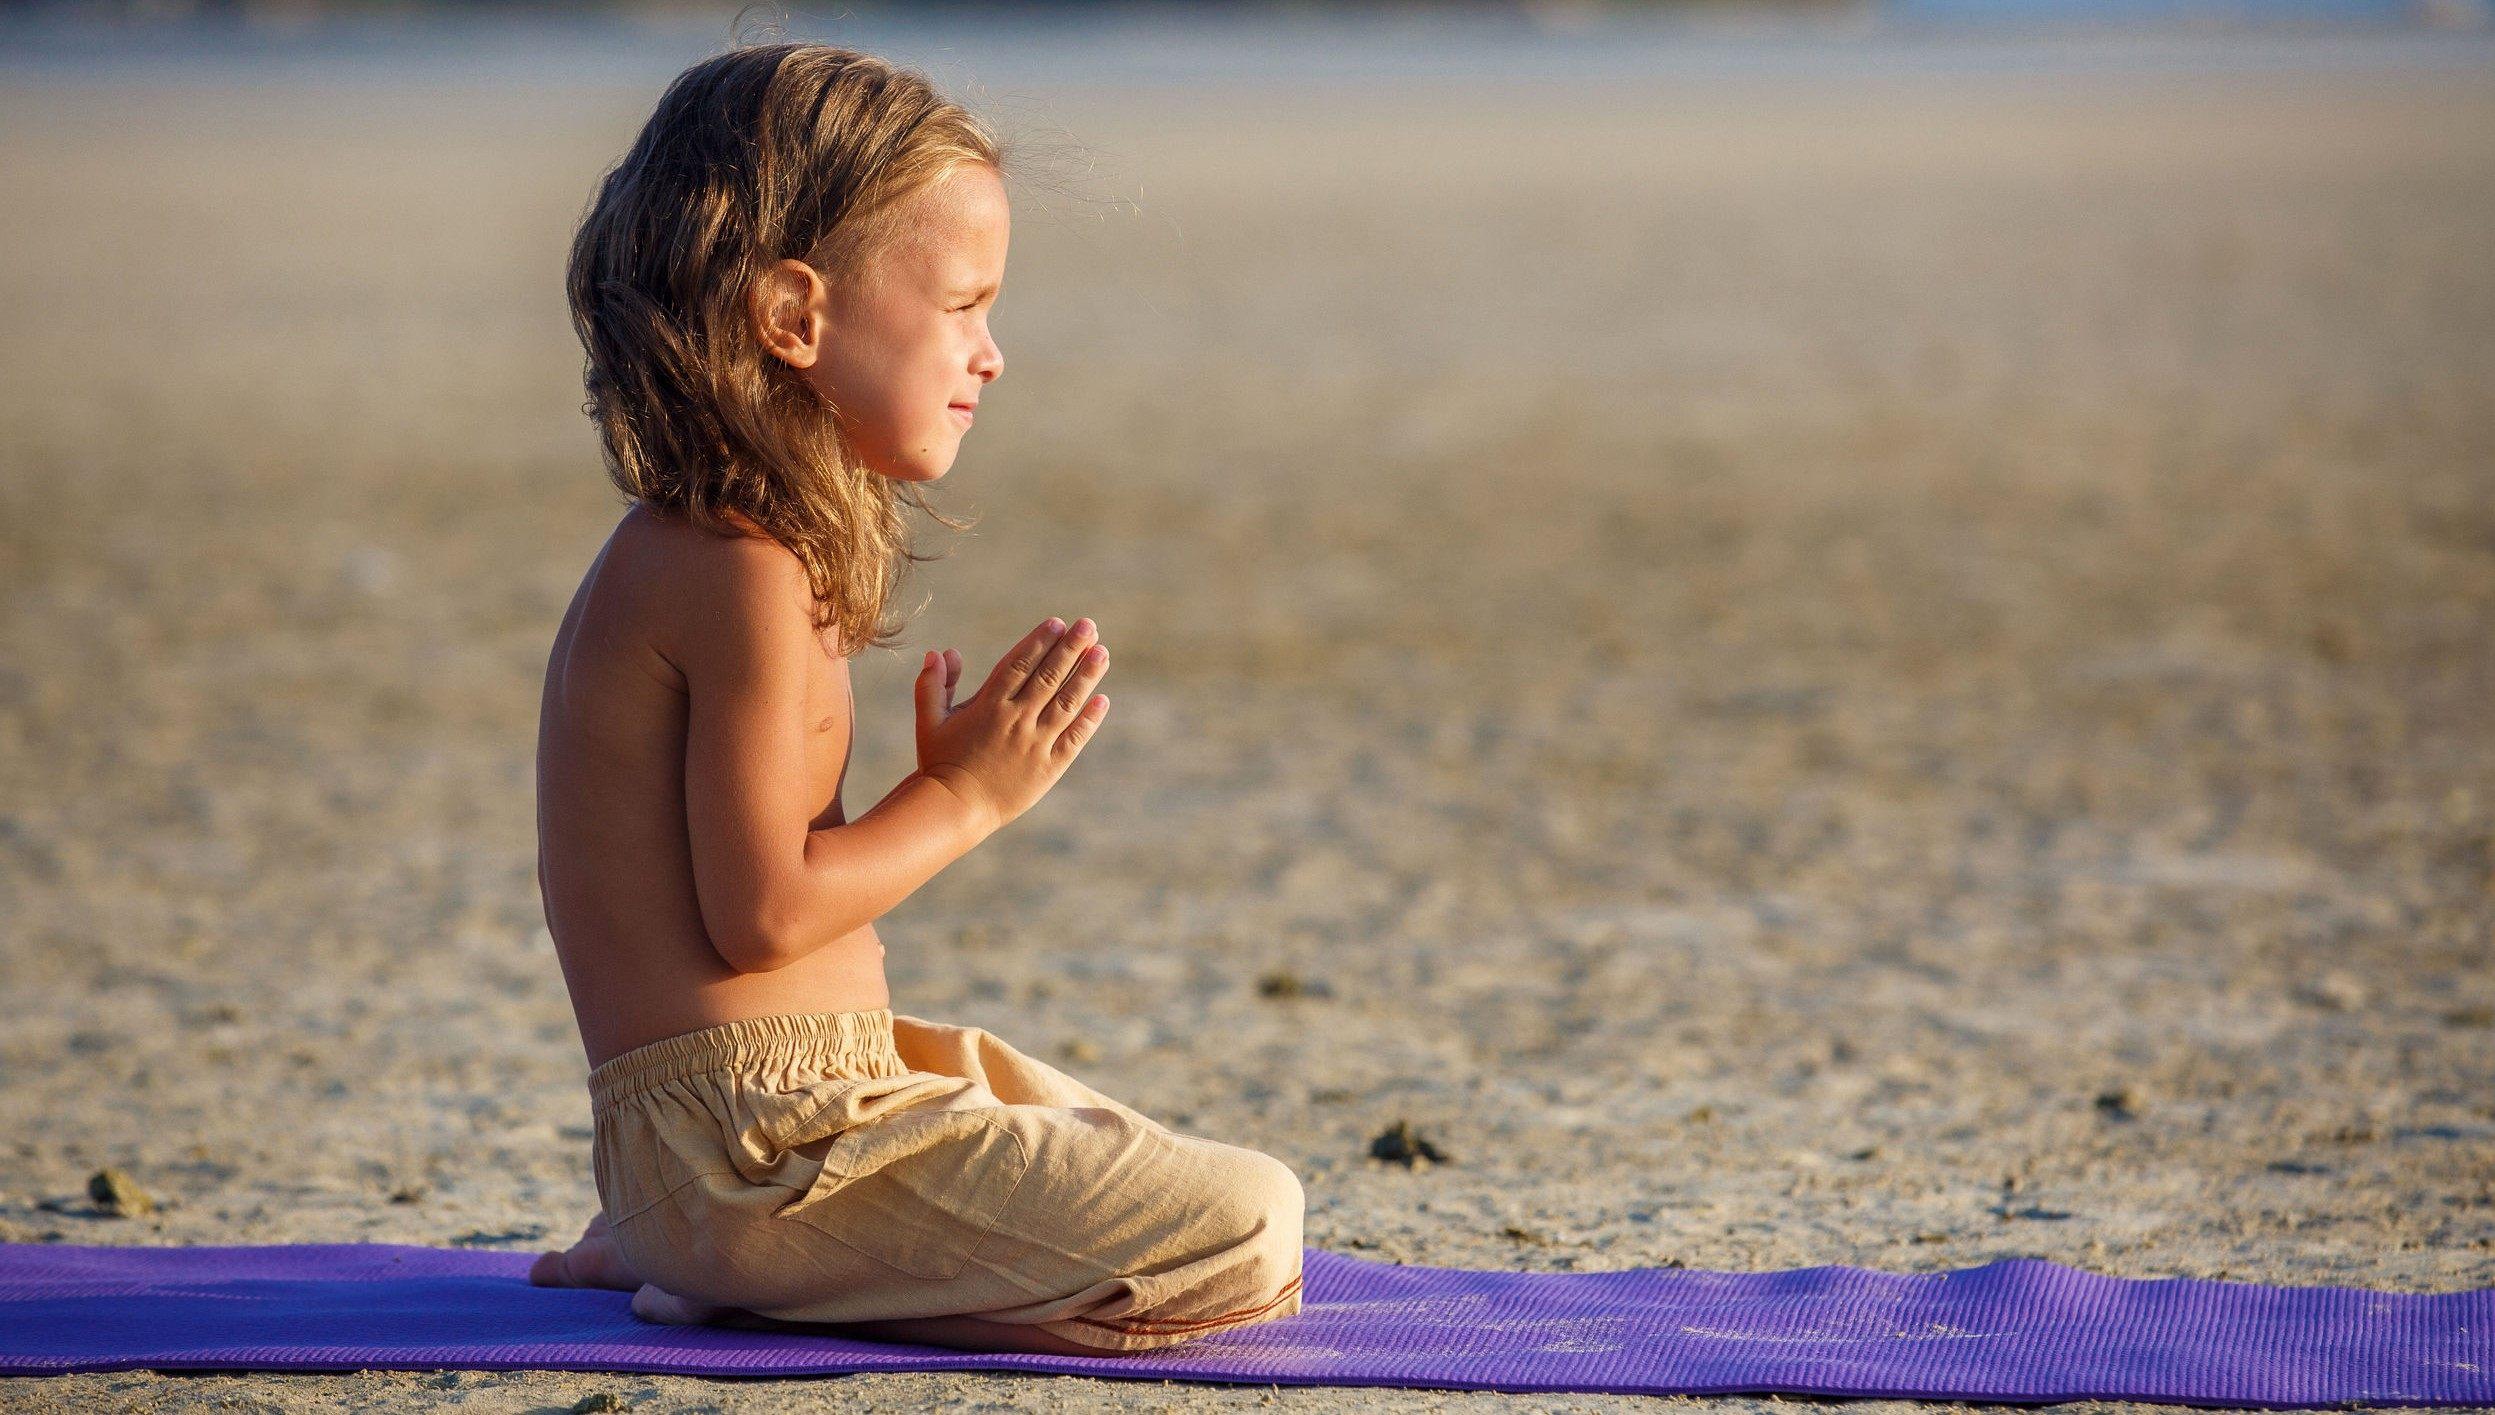 Boy on the beach doing yoga